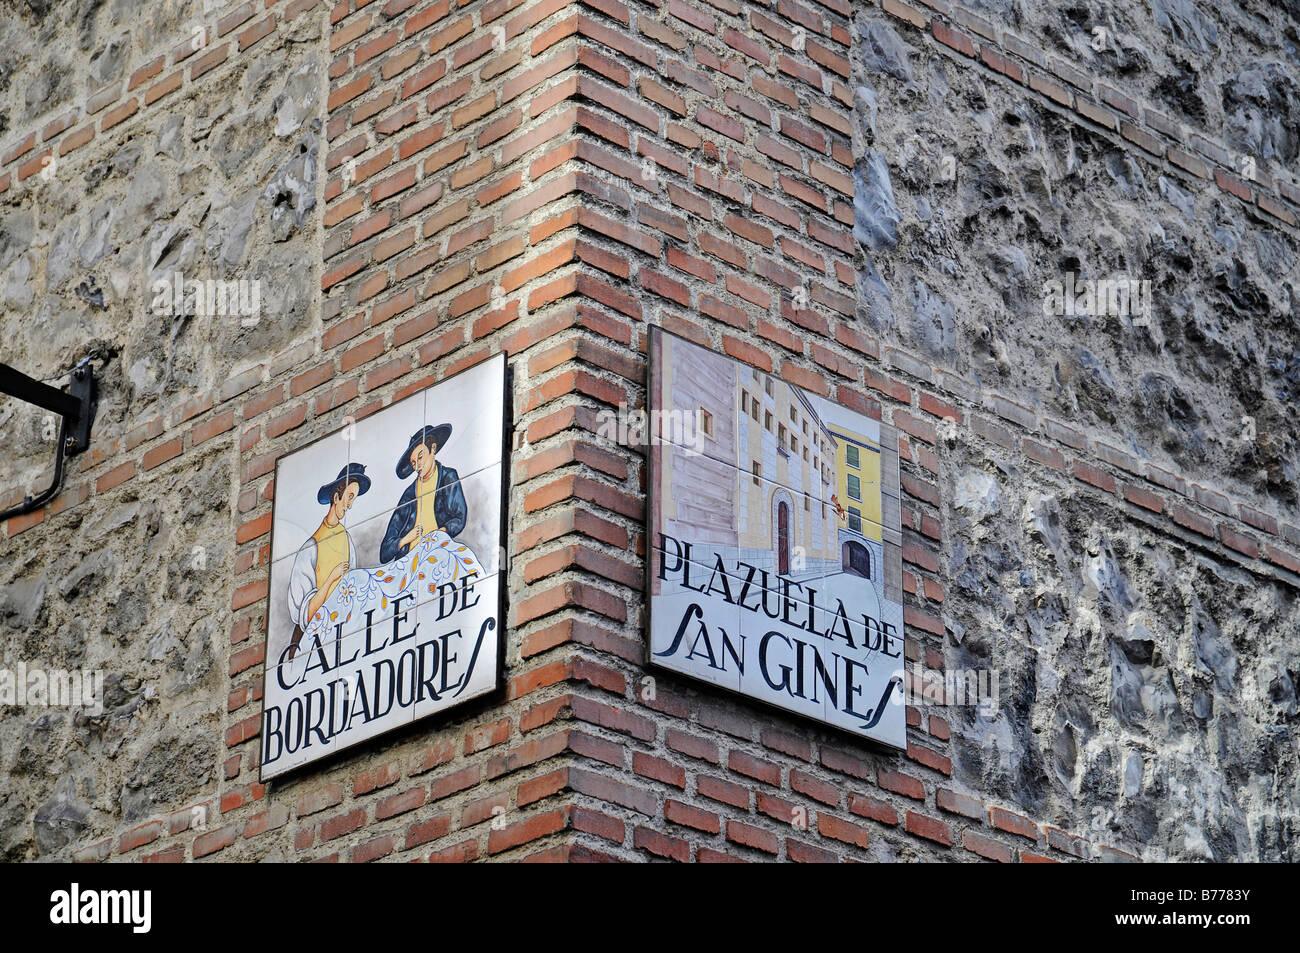 Stra enschilder stockfotos stra enschilder bilder alamy for Azulejos europa 9 telefono